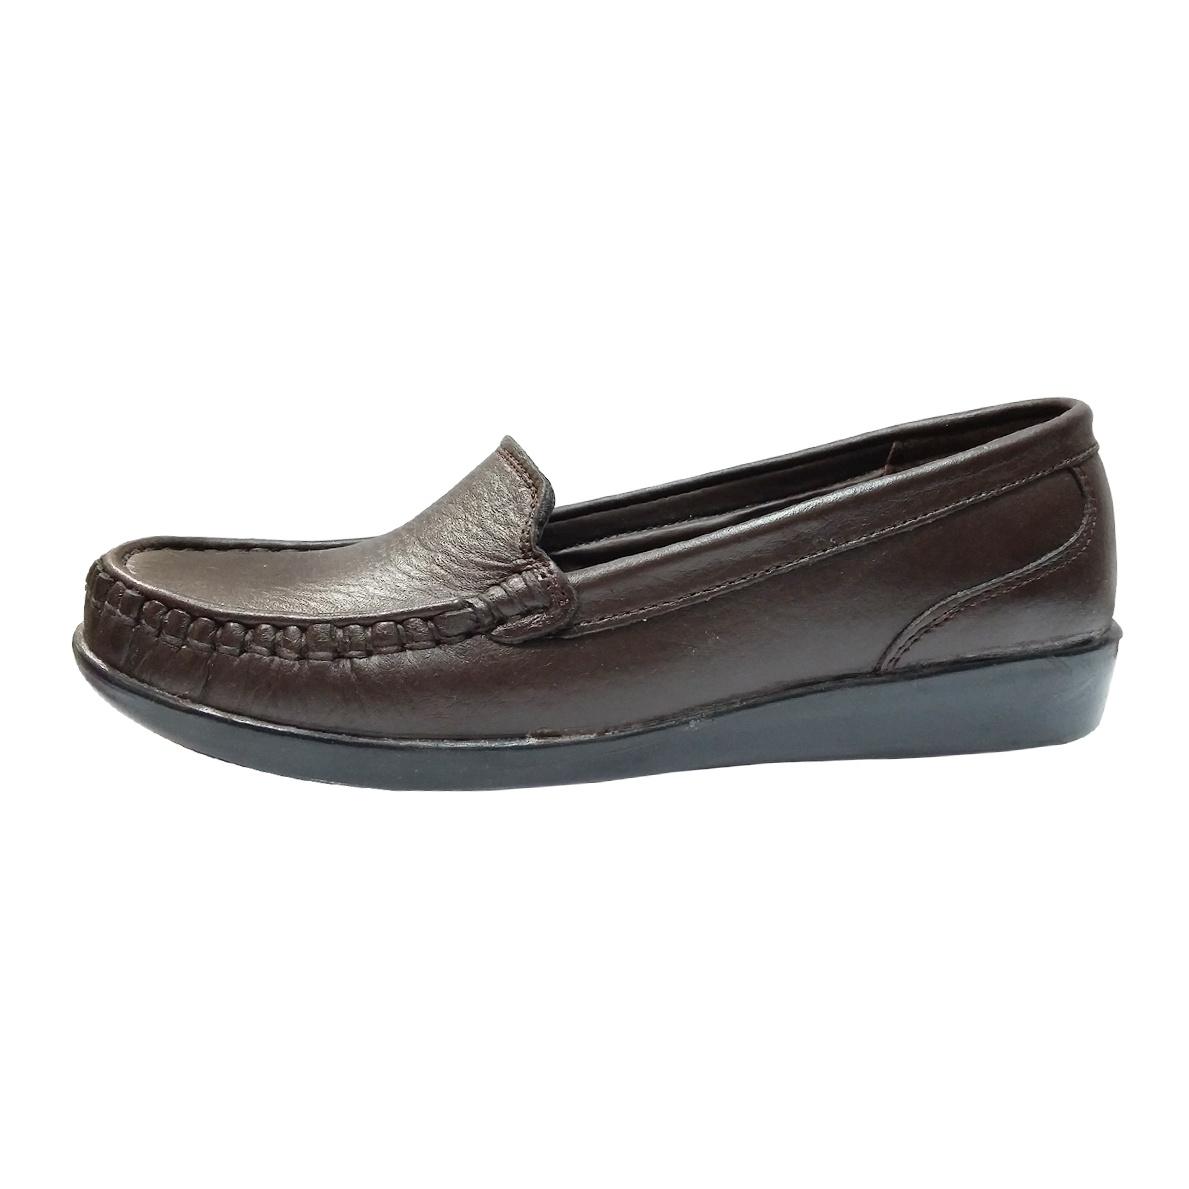 کفش زنانه ایران پا مدل ترلان کد 01